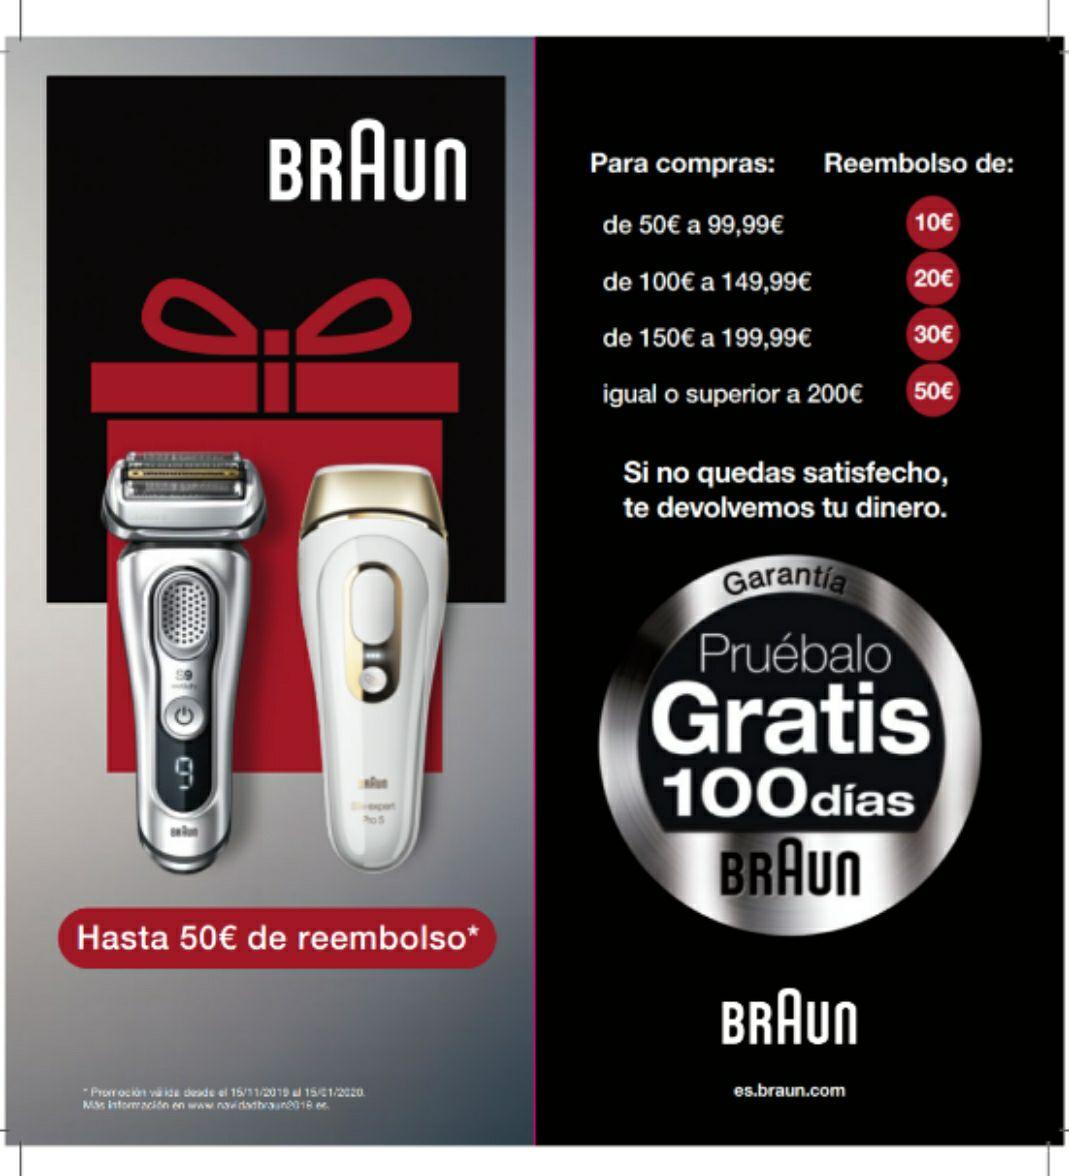 Reembolso de hasta 50€ por la compra de un artículo BRAUN